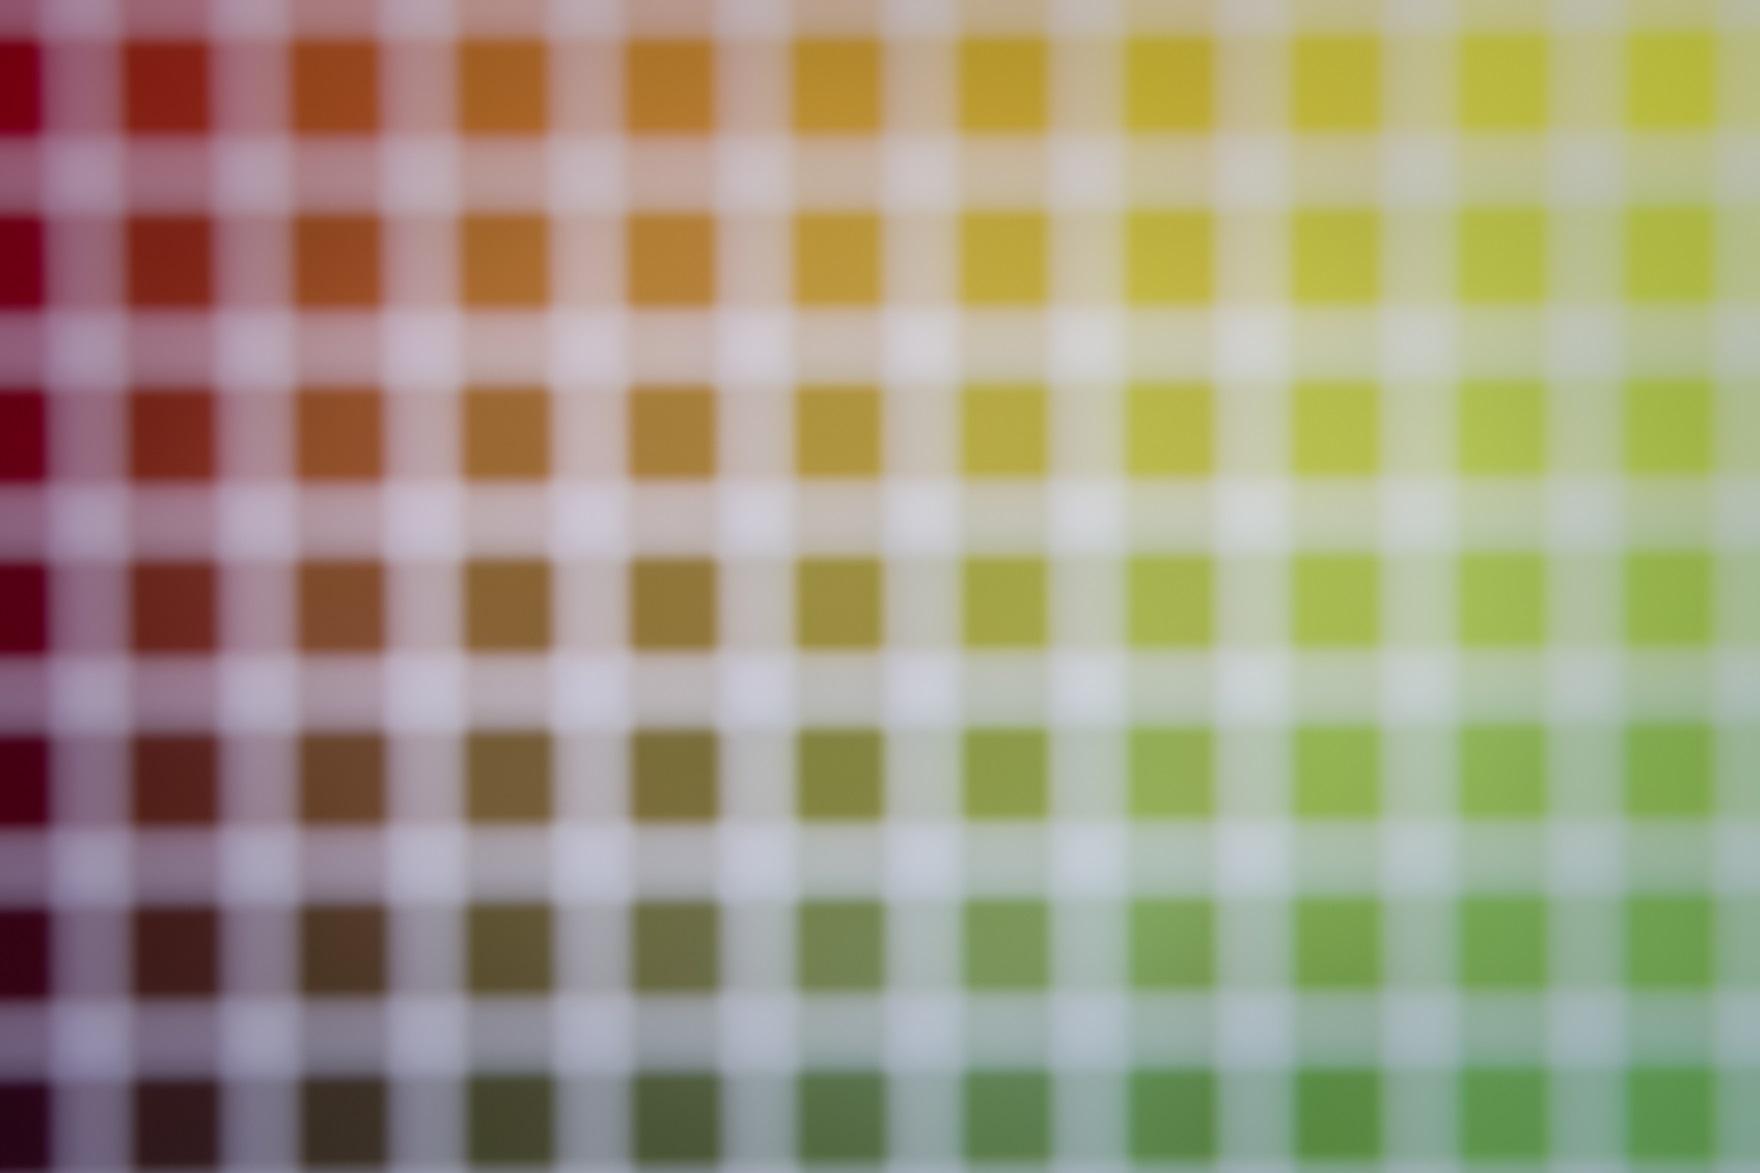 Épreuves d'impression en quadrichromie avec les couleurs CMJN